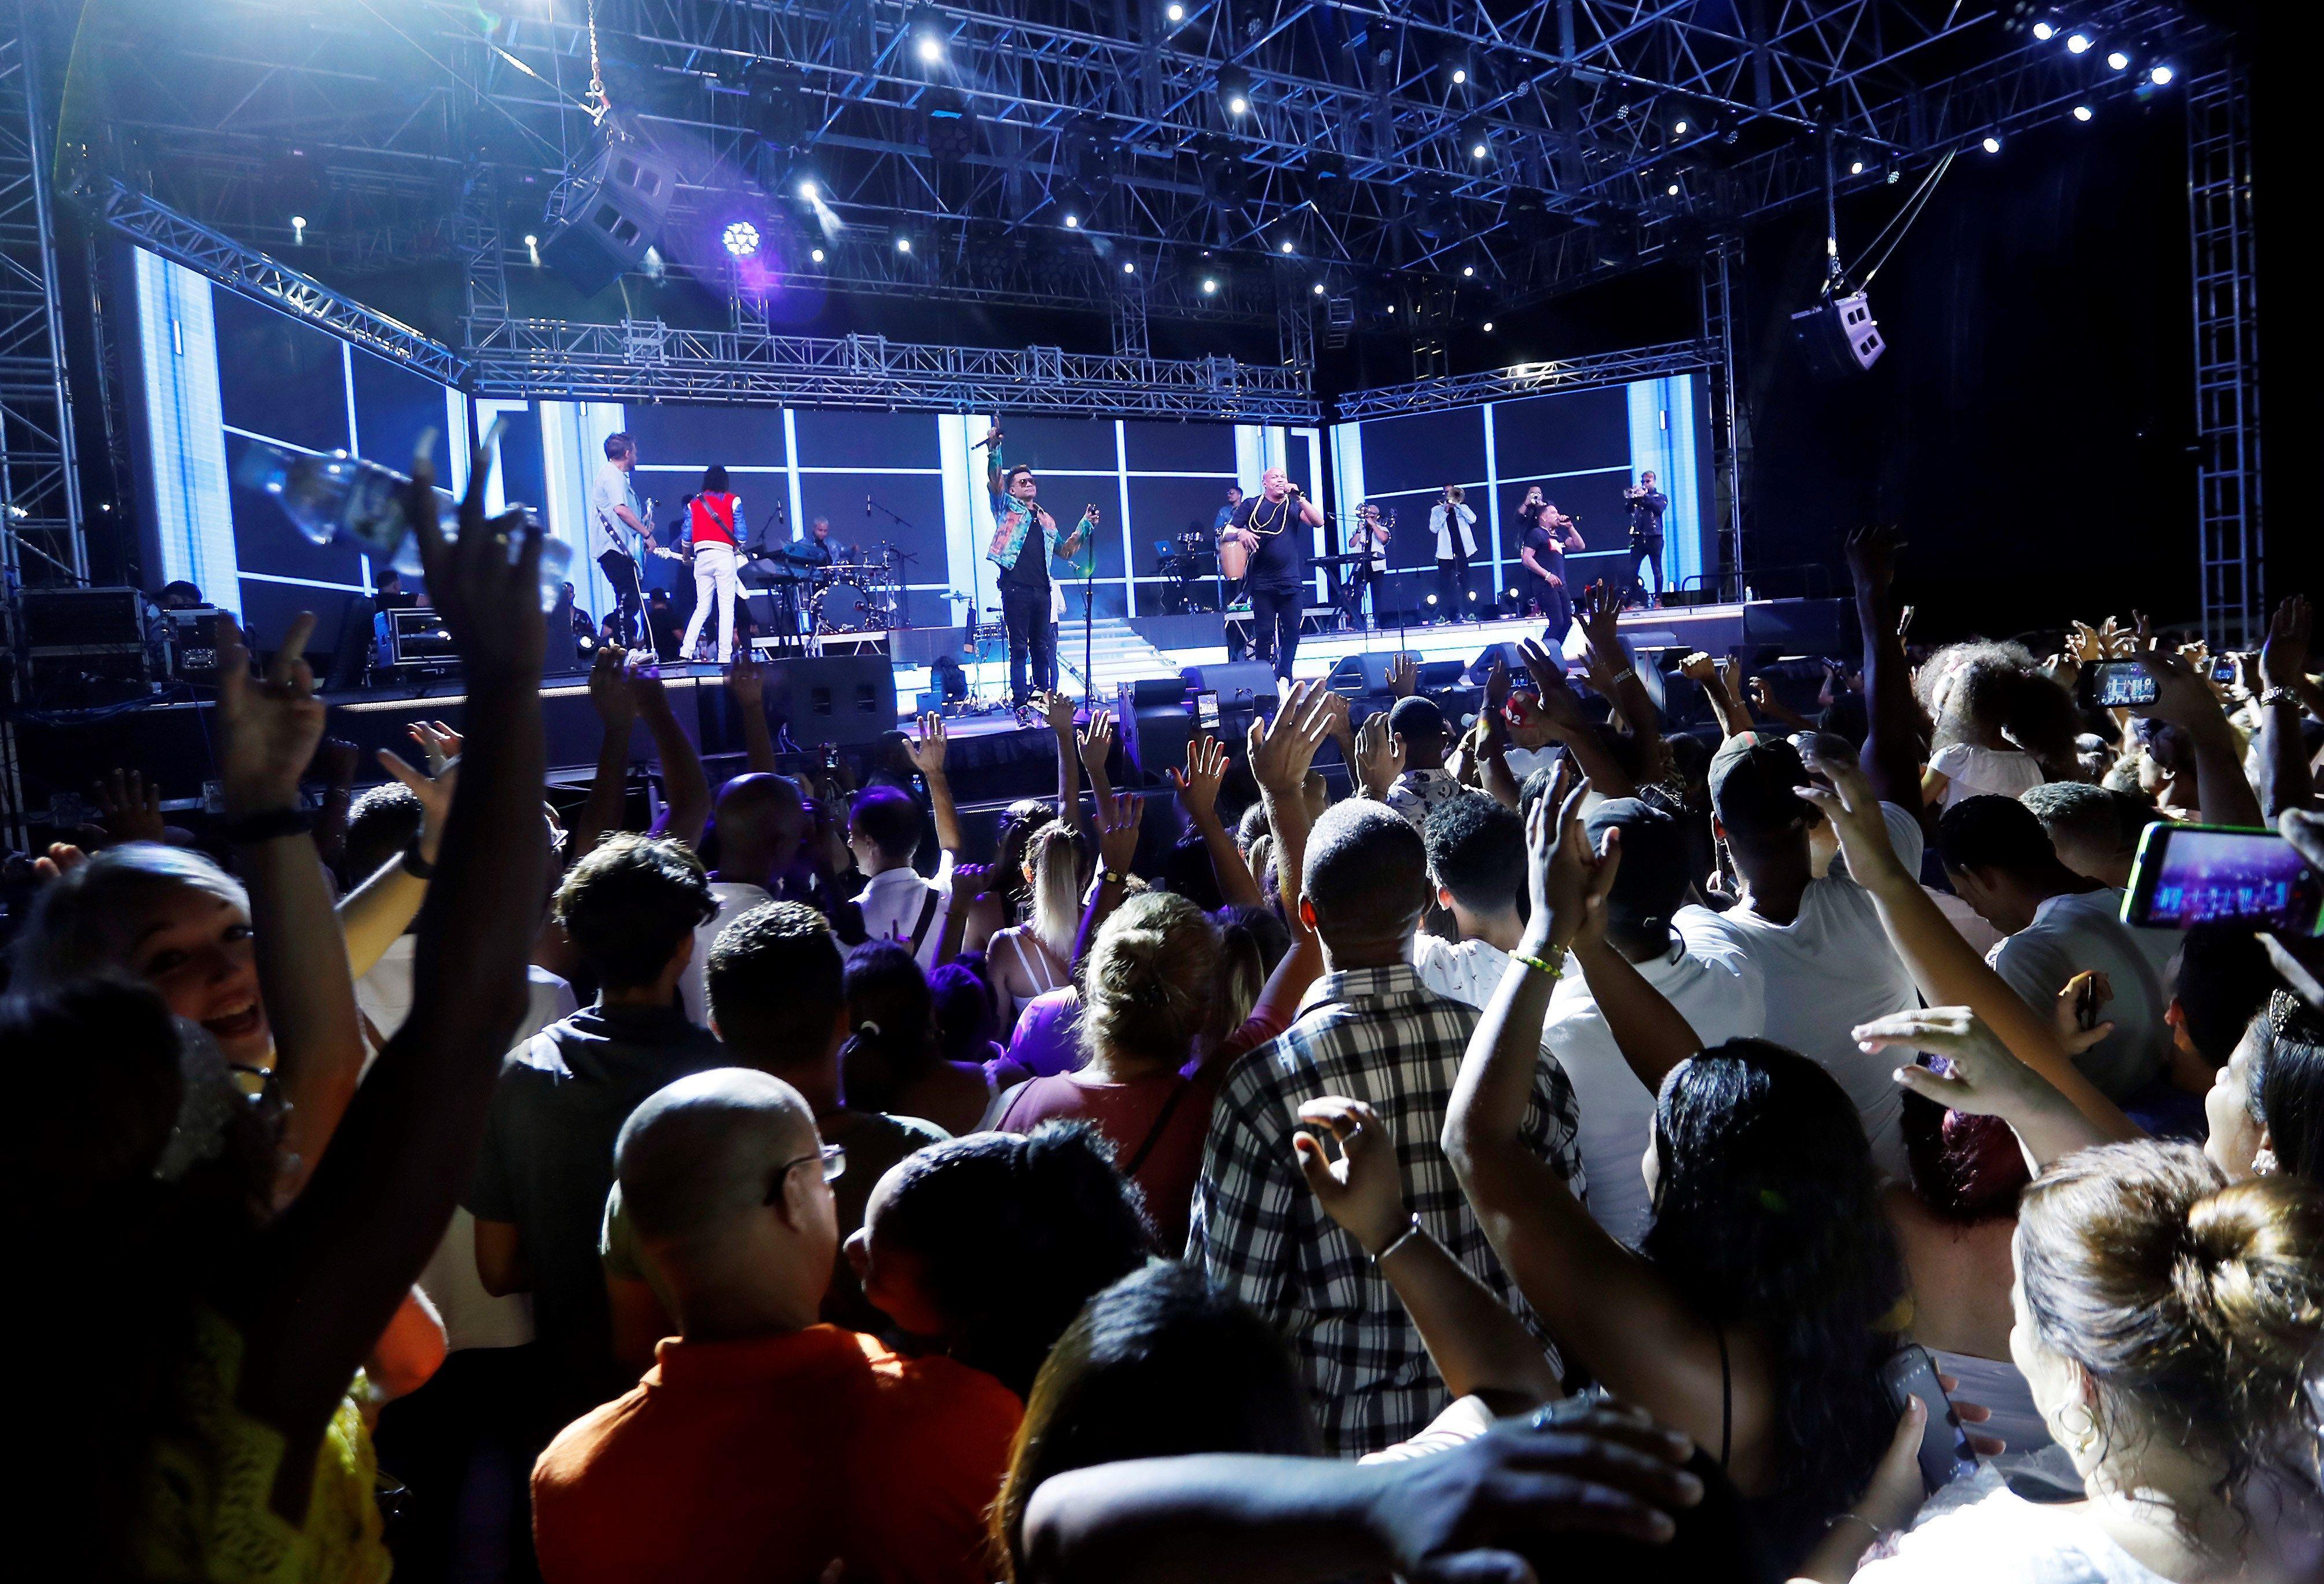 El público disfrutó con creces el concierto de Gente de Zona en el Malecón de La Habana, el sábado 7 de septiembre de 2019. Foto: Ernesto Mastrascusa / EFE.